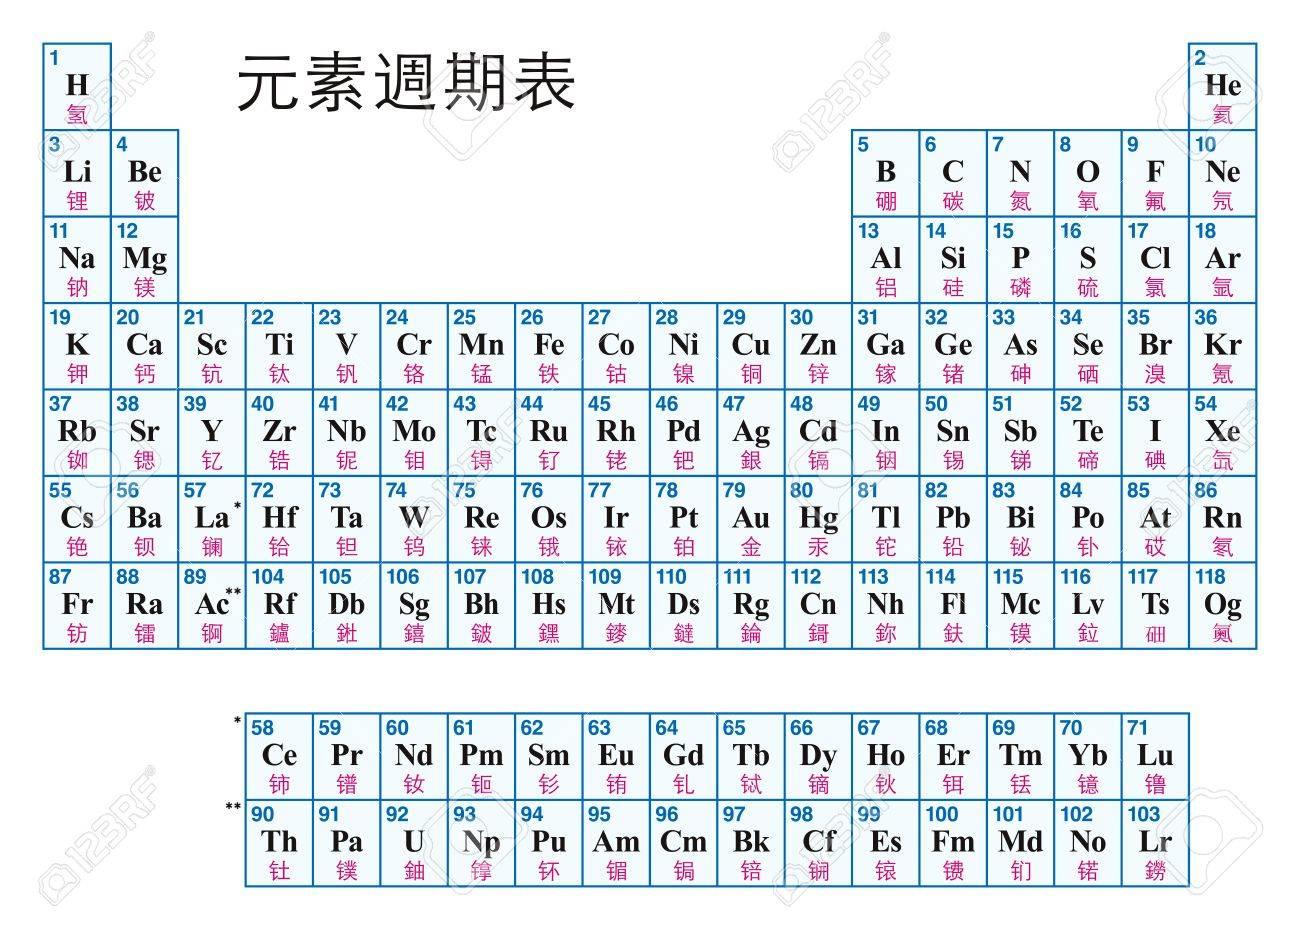 Tableau Periodique Des Elements Chinois Disposition Tabulaire Des Elements Chimiques Avec Leurs Numeros Atomiques Symboles Et Noms 118 Elements Confirmes Et Completer Sept Lignes Illustration Vecteur Clip Art Libres De Droits